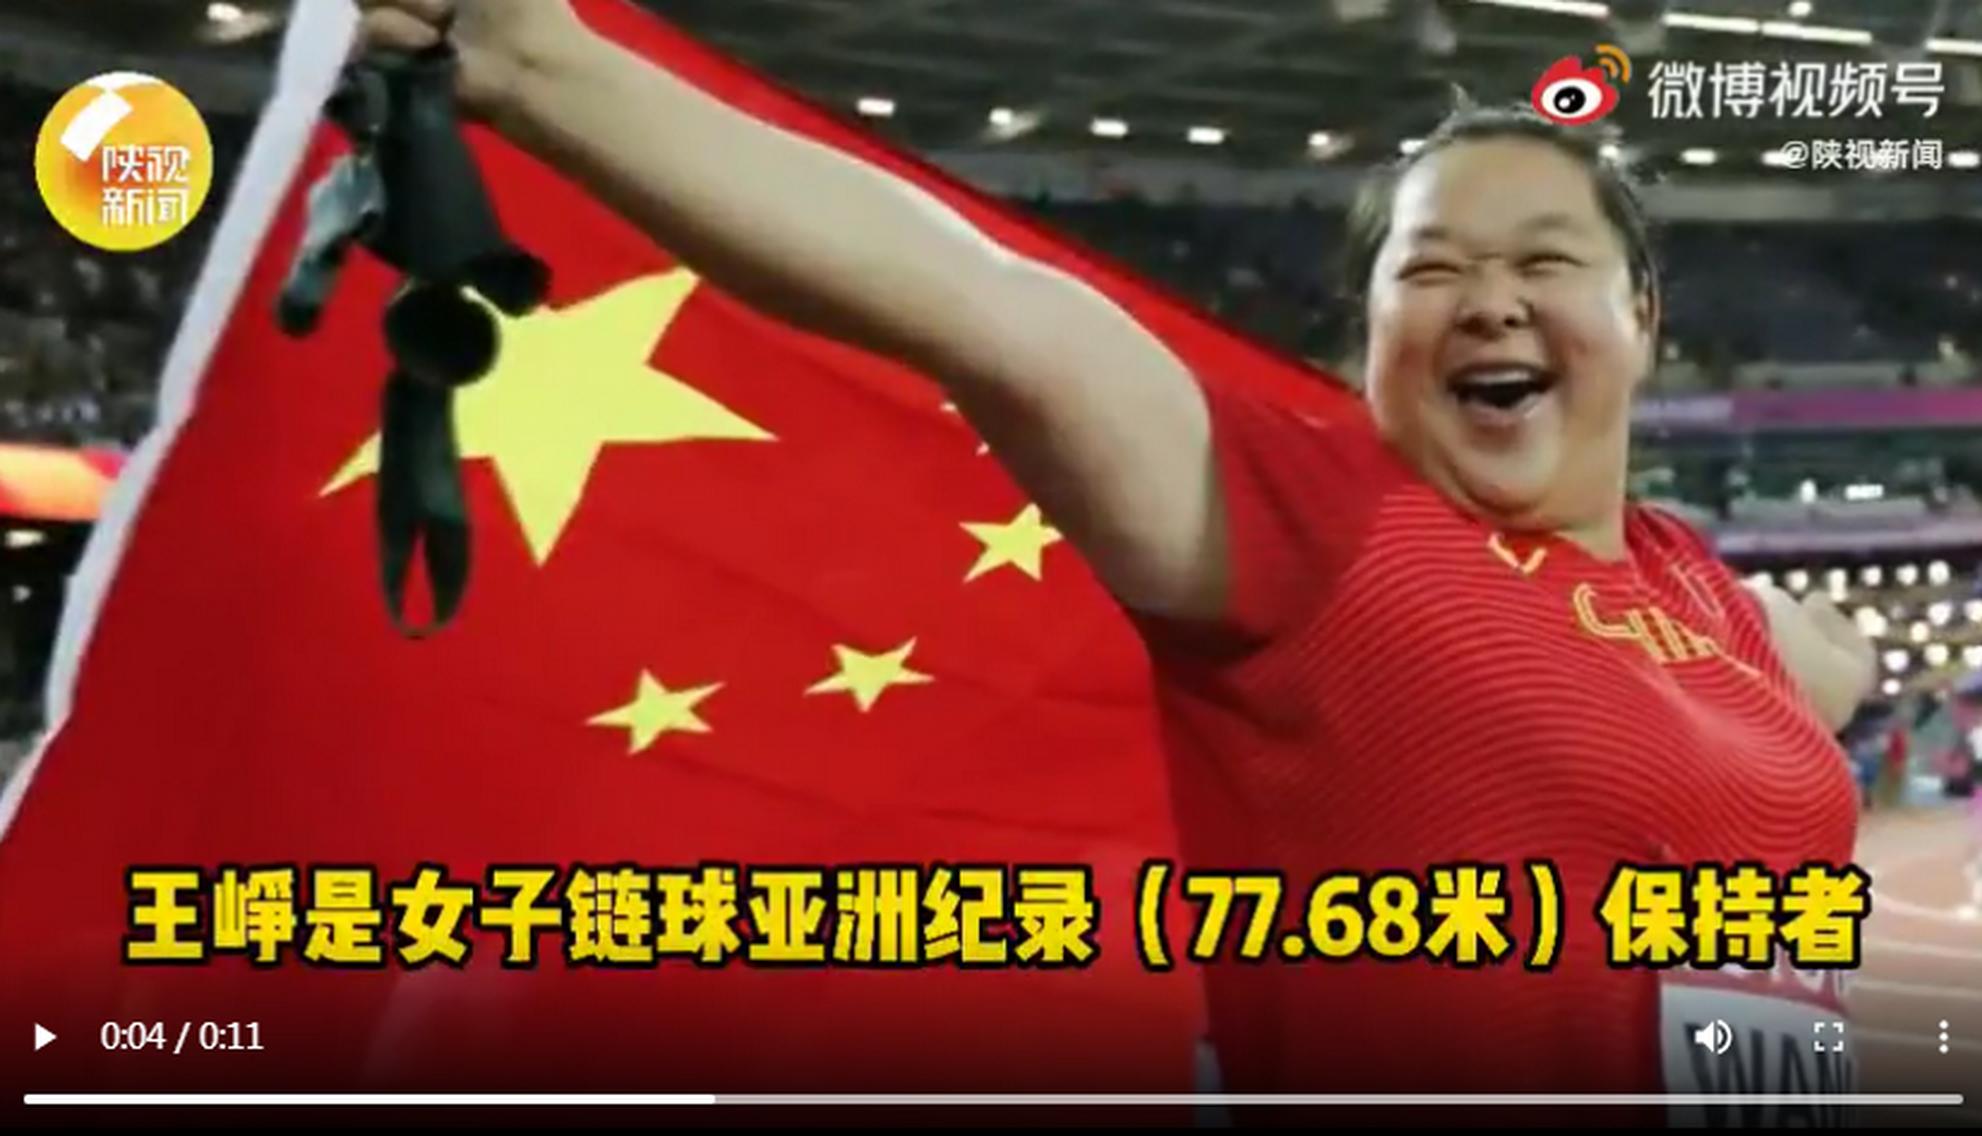 期待陕西姑娘的表现!陕西王峥8月3日晚女子链球奥运决赛